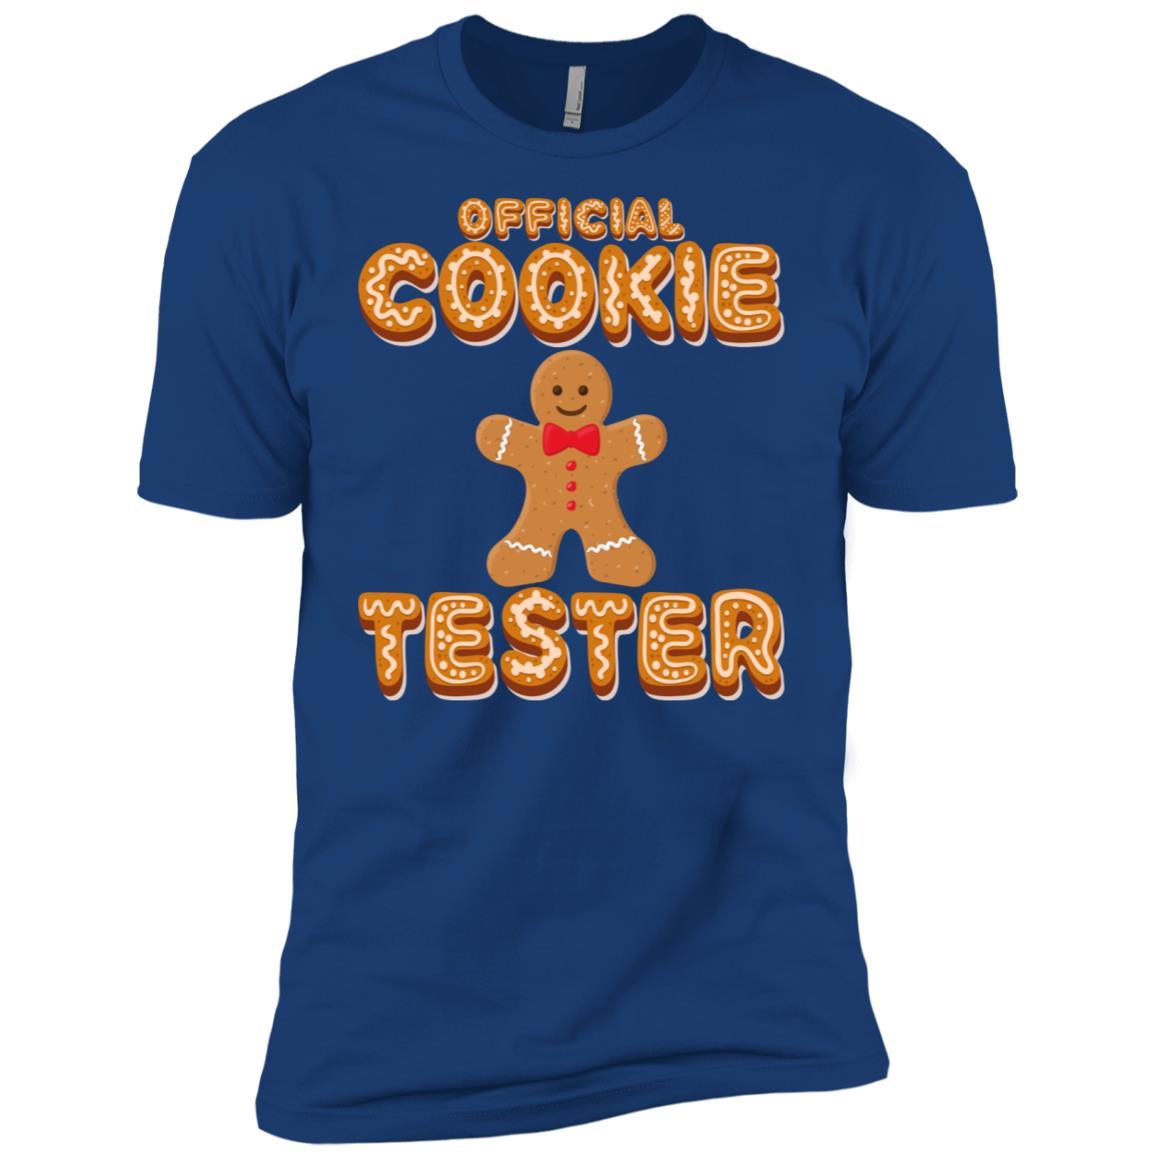 Official Christmas Cookie Tester Gingerbread Man Ls Men Short Sleeve T-Shirt